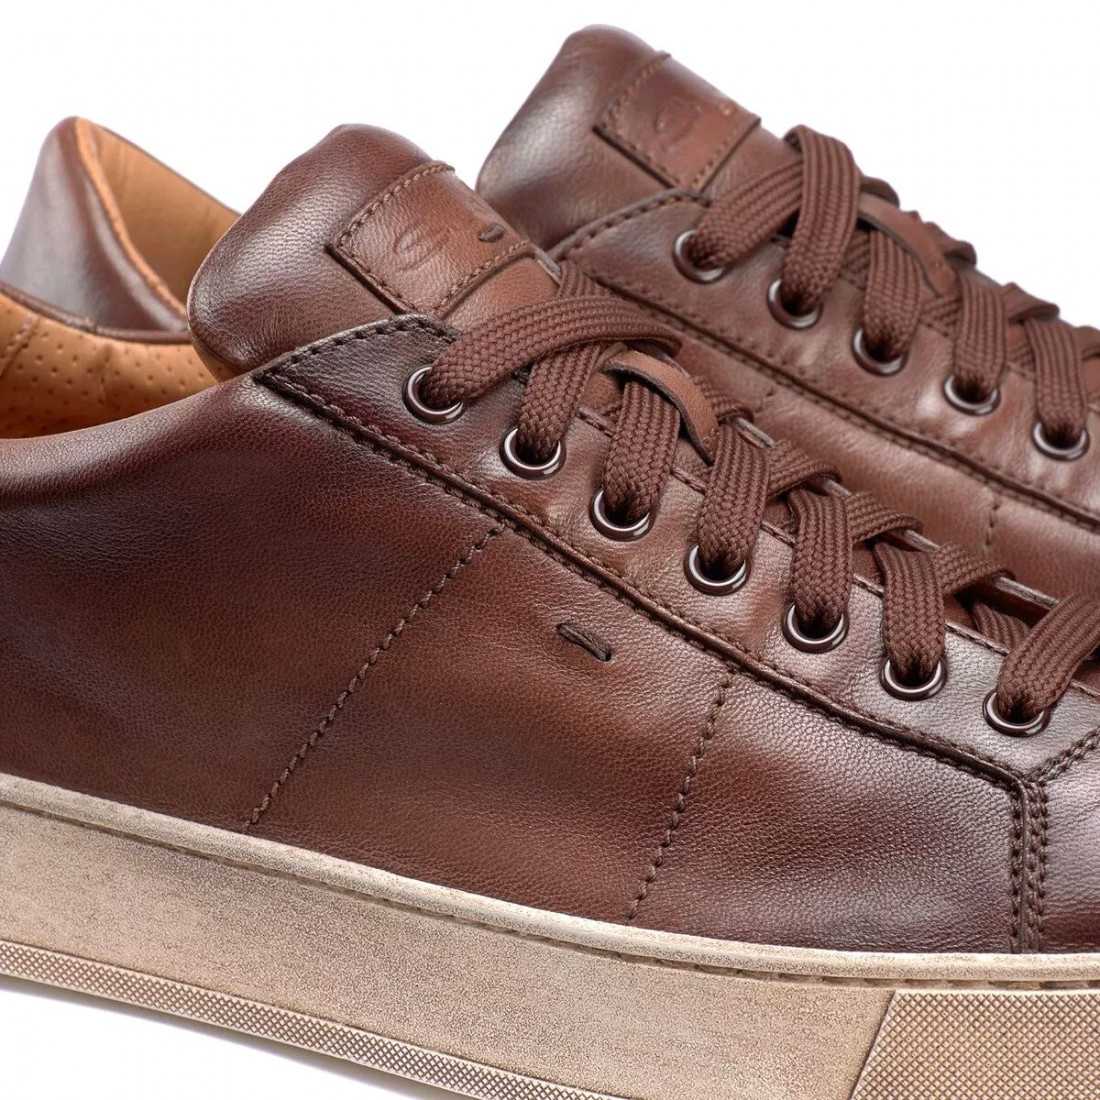 Brown Santoni Gloria men's sneaker in